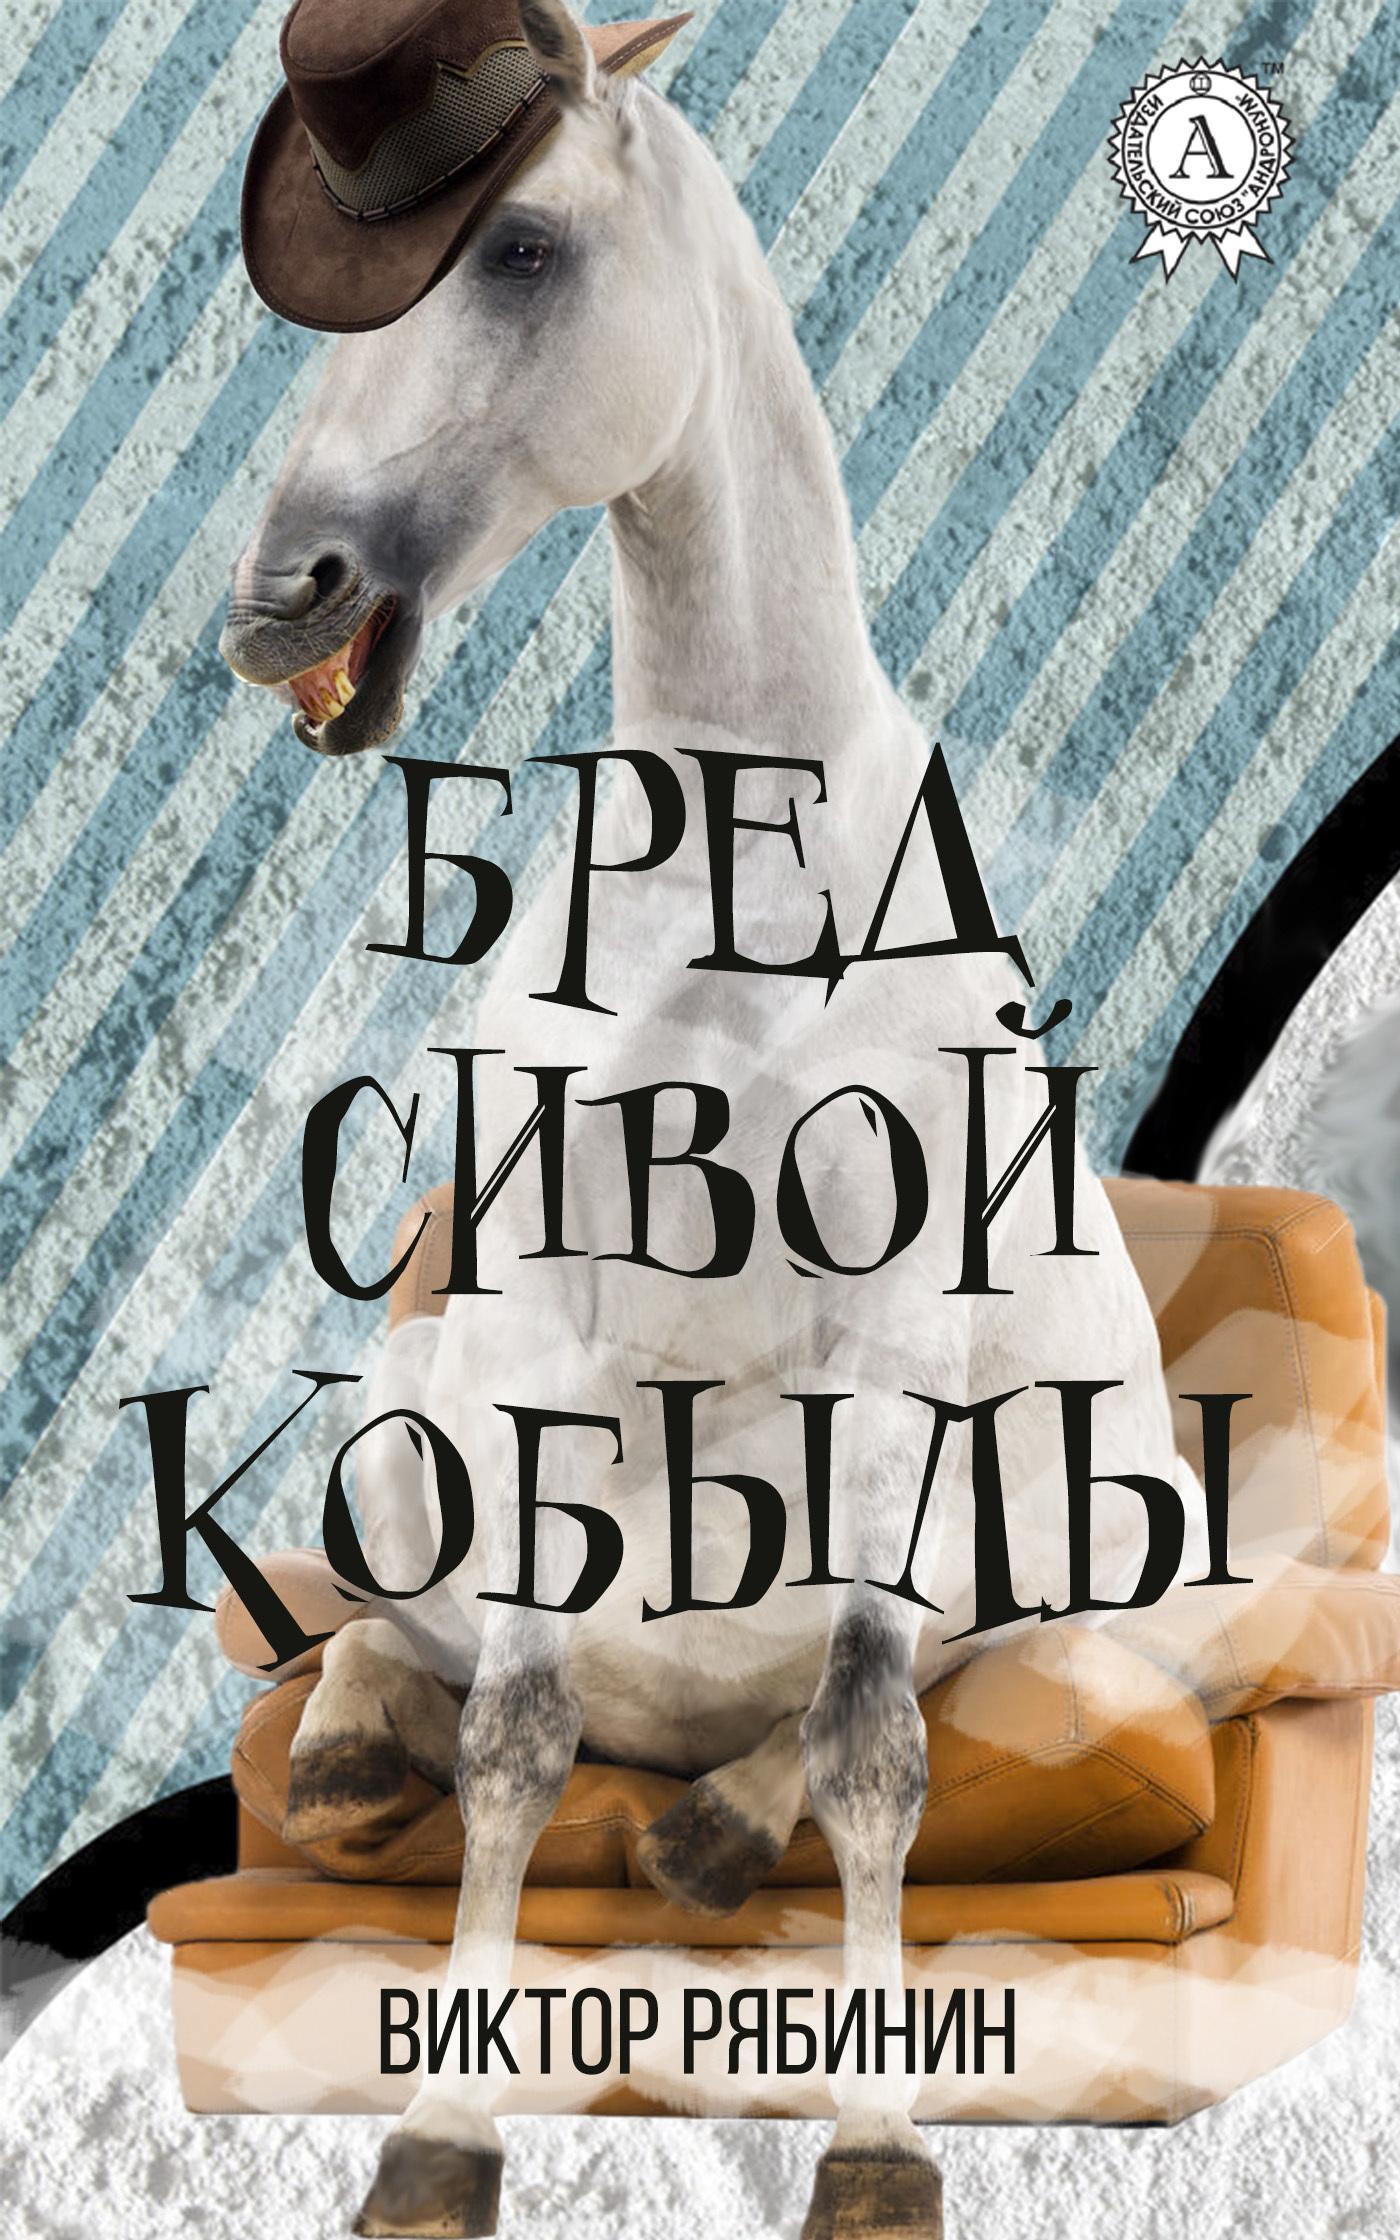 Виктор Рябинин - Бред сивой кобылы